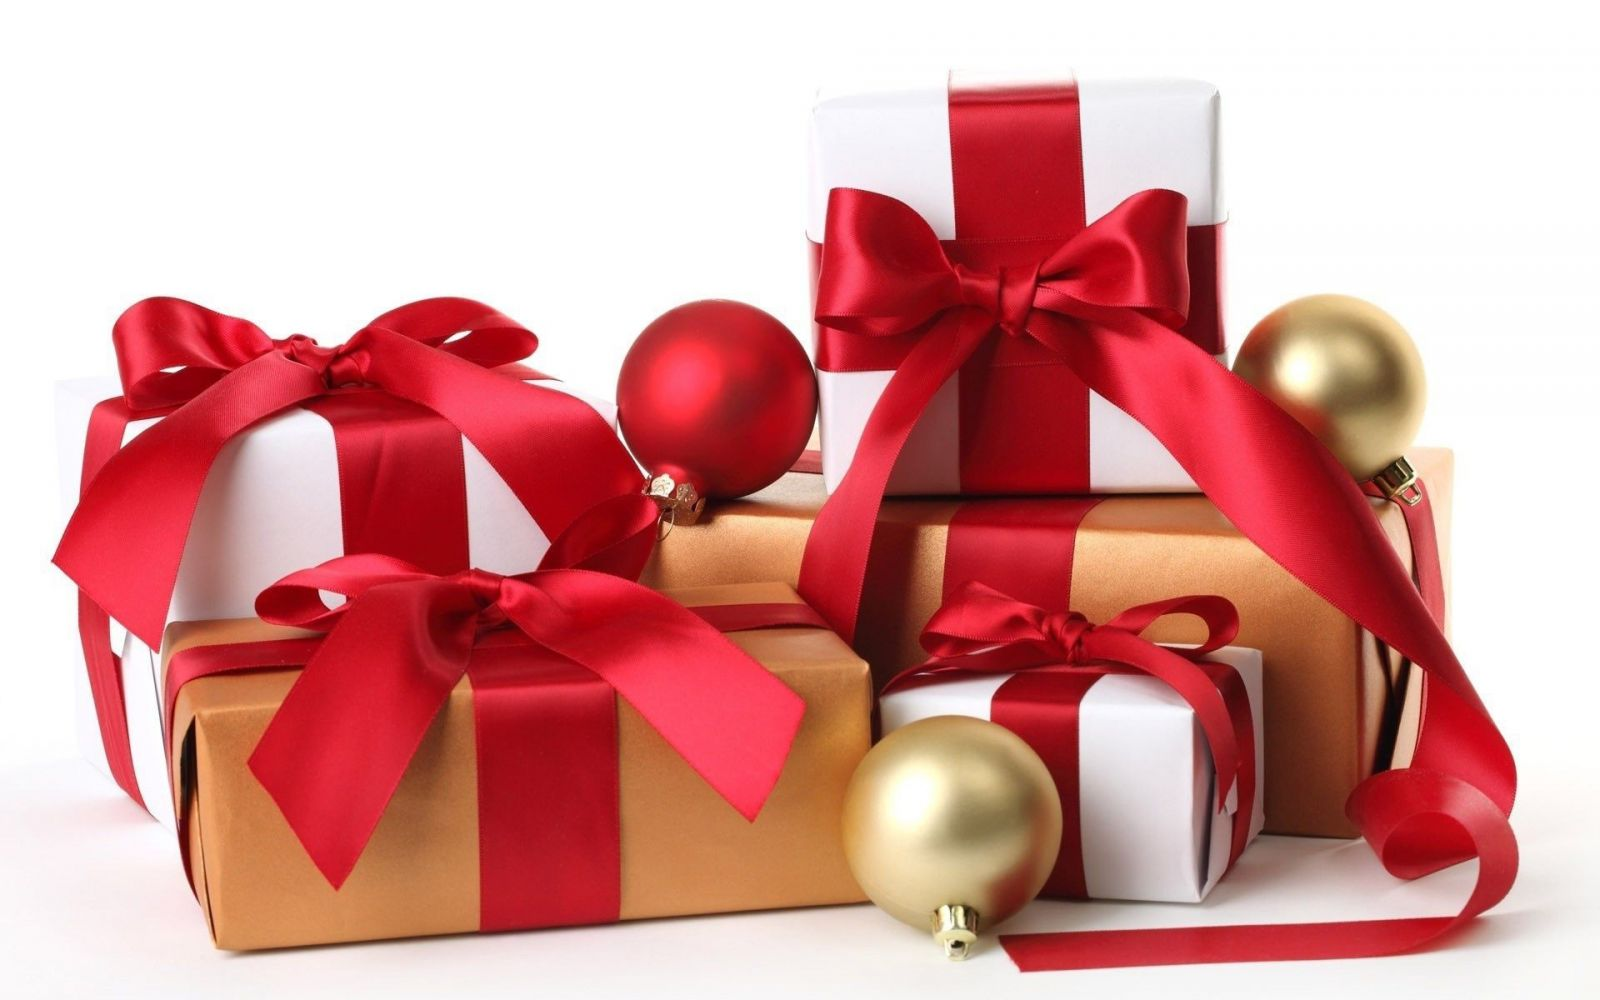 Поздравления к подаркам, стихи к подаркам - Поздравок